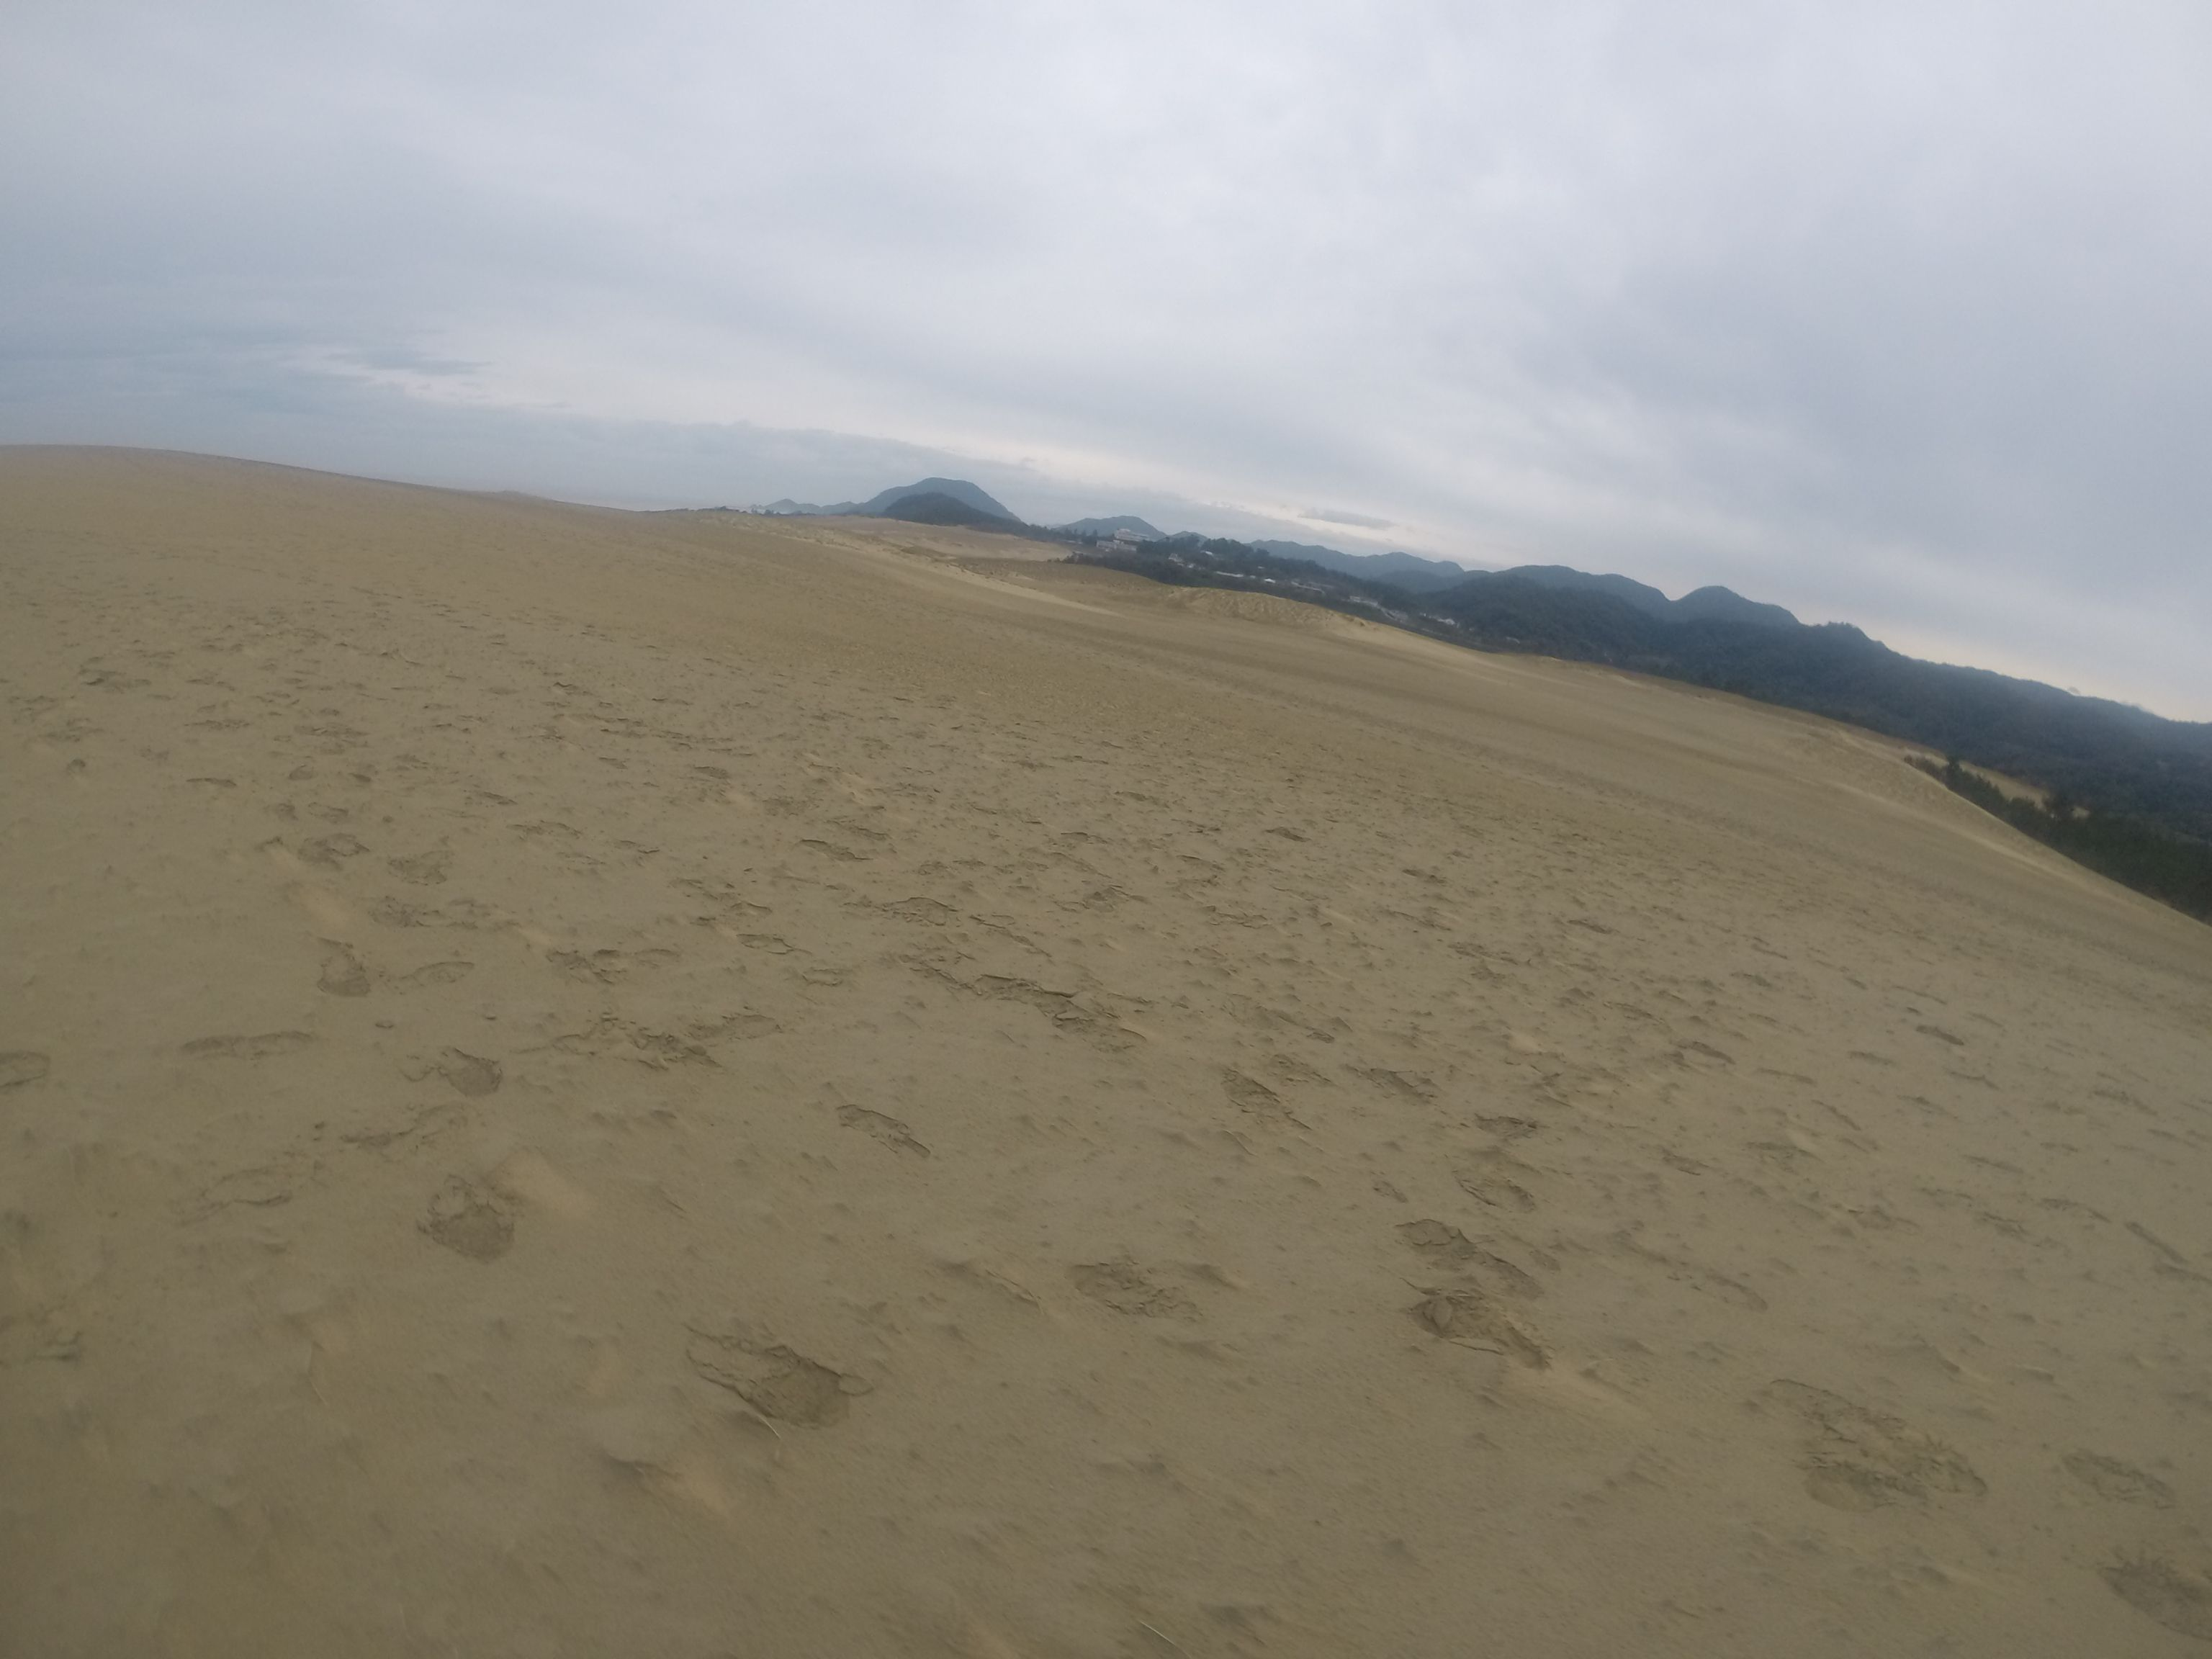 秋雨前線がひたひた近づく鳥取砂丘